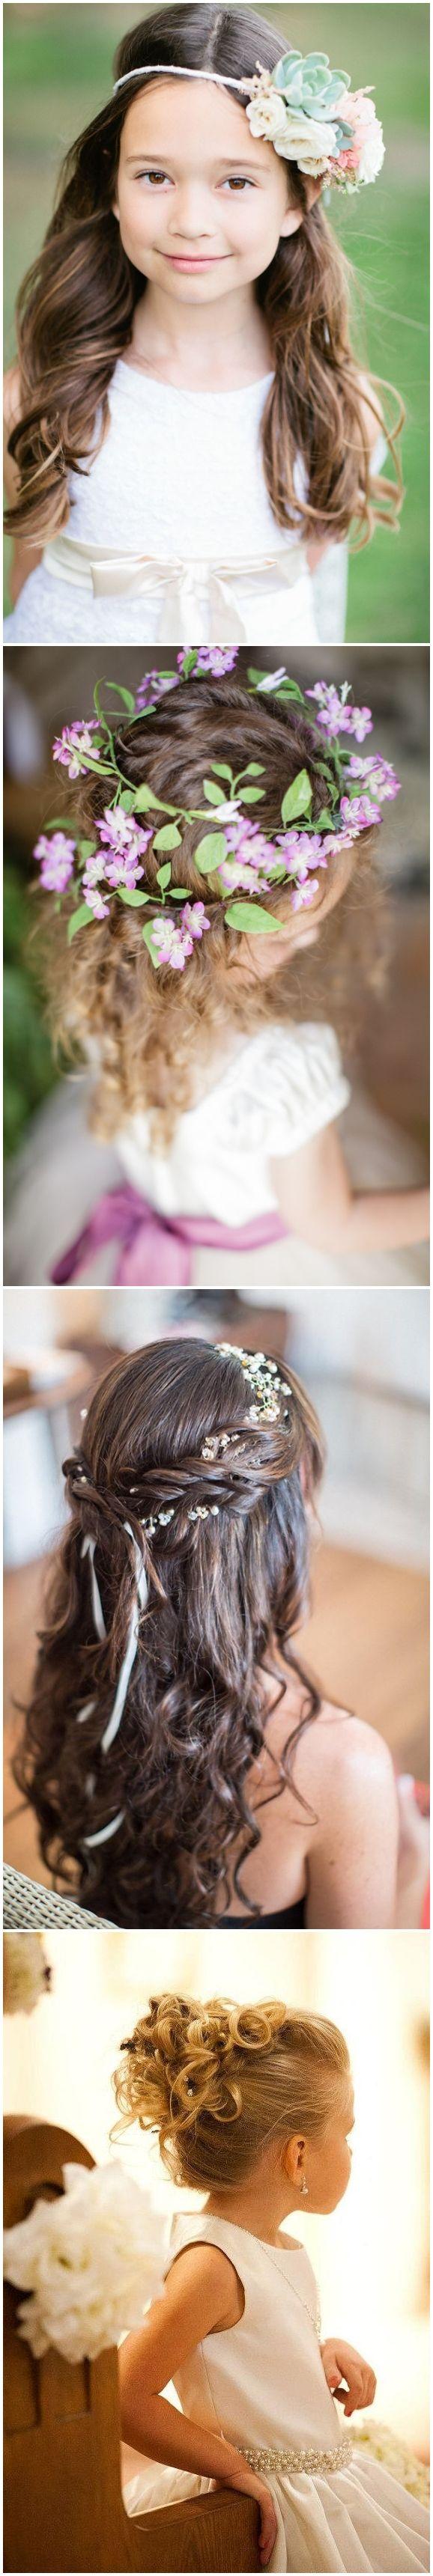 cute little girl hairstyles-updos, braids, waterfall / www.deerpearlflow...